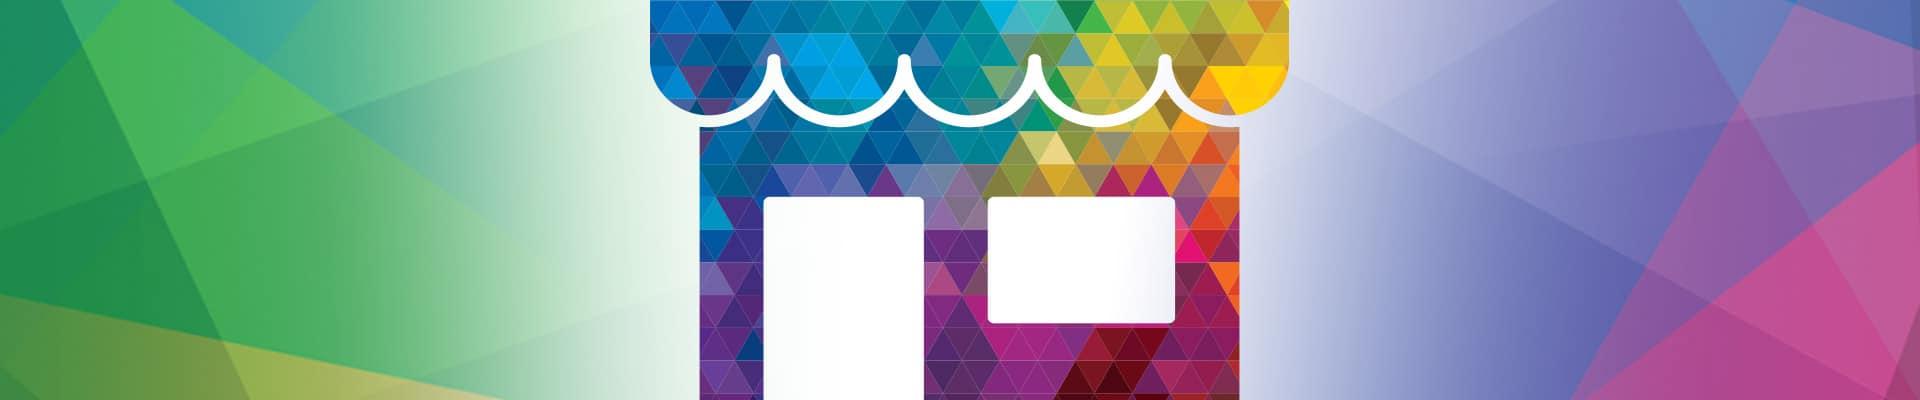 Kaleidoscope Signage Header Icon